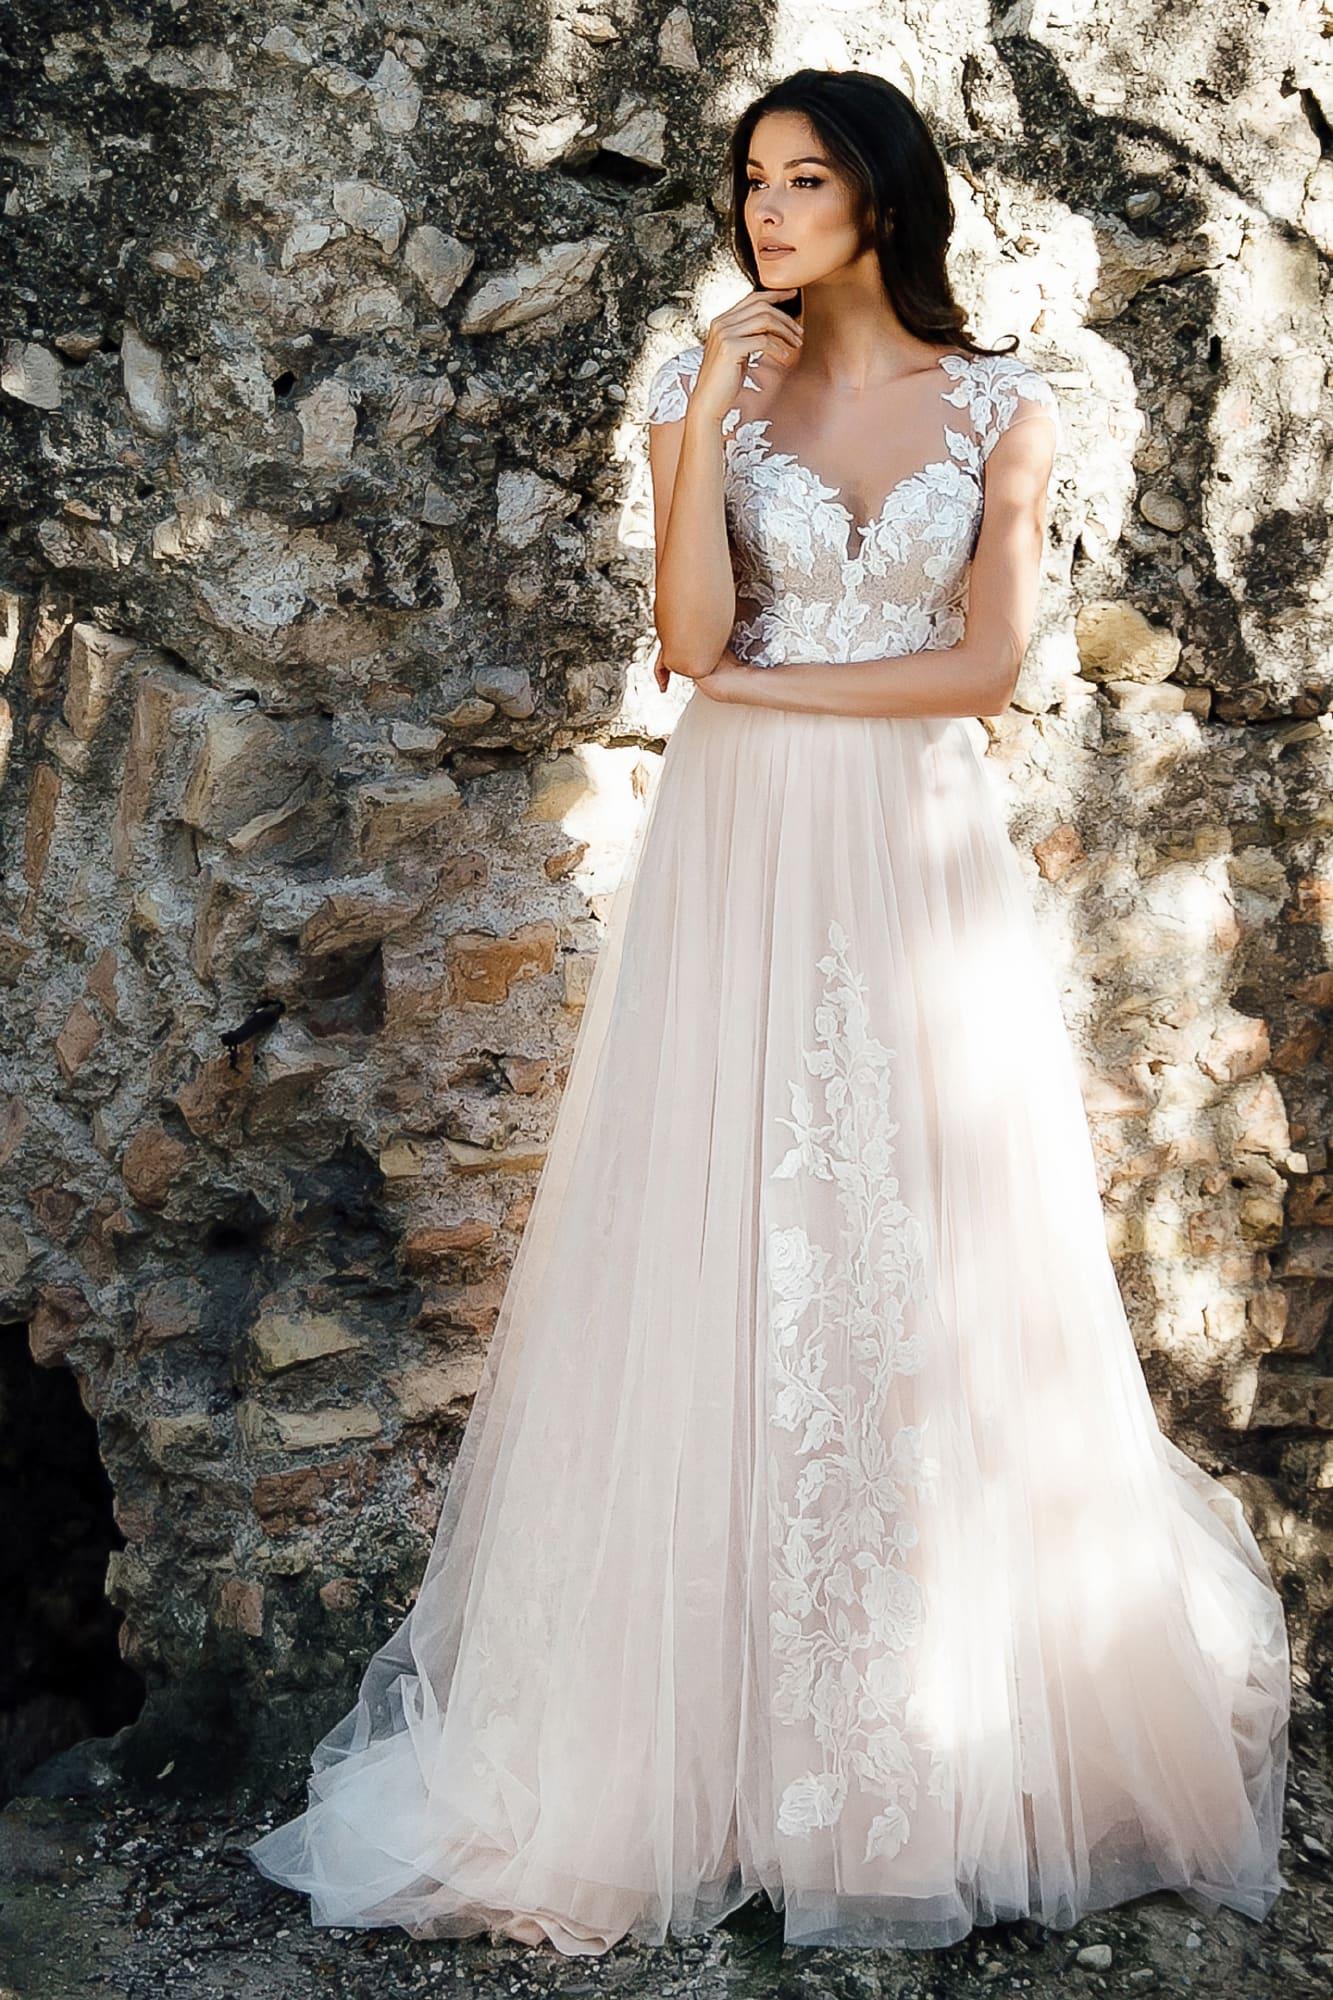 ca831da8177 Свадебное платье Gabbiano Orenda ▷ Свадебный Торговый Центр Вега в ...